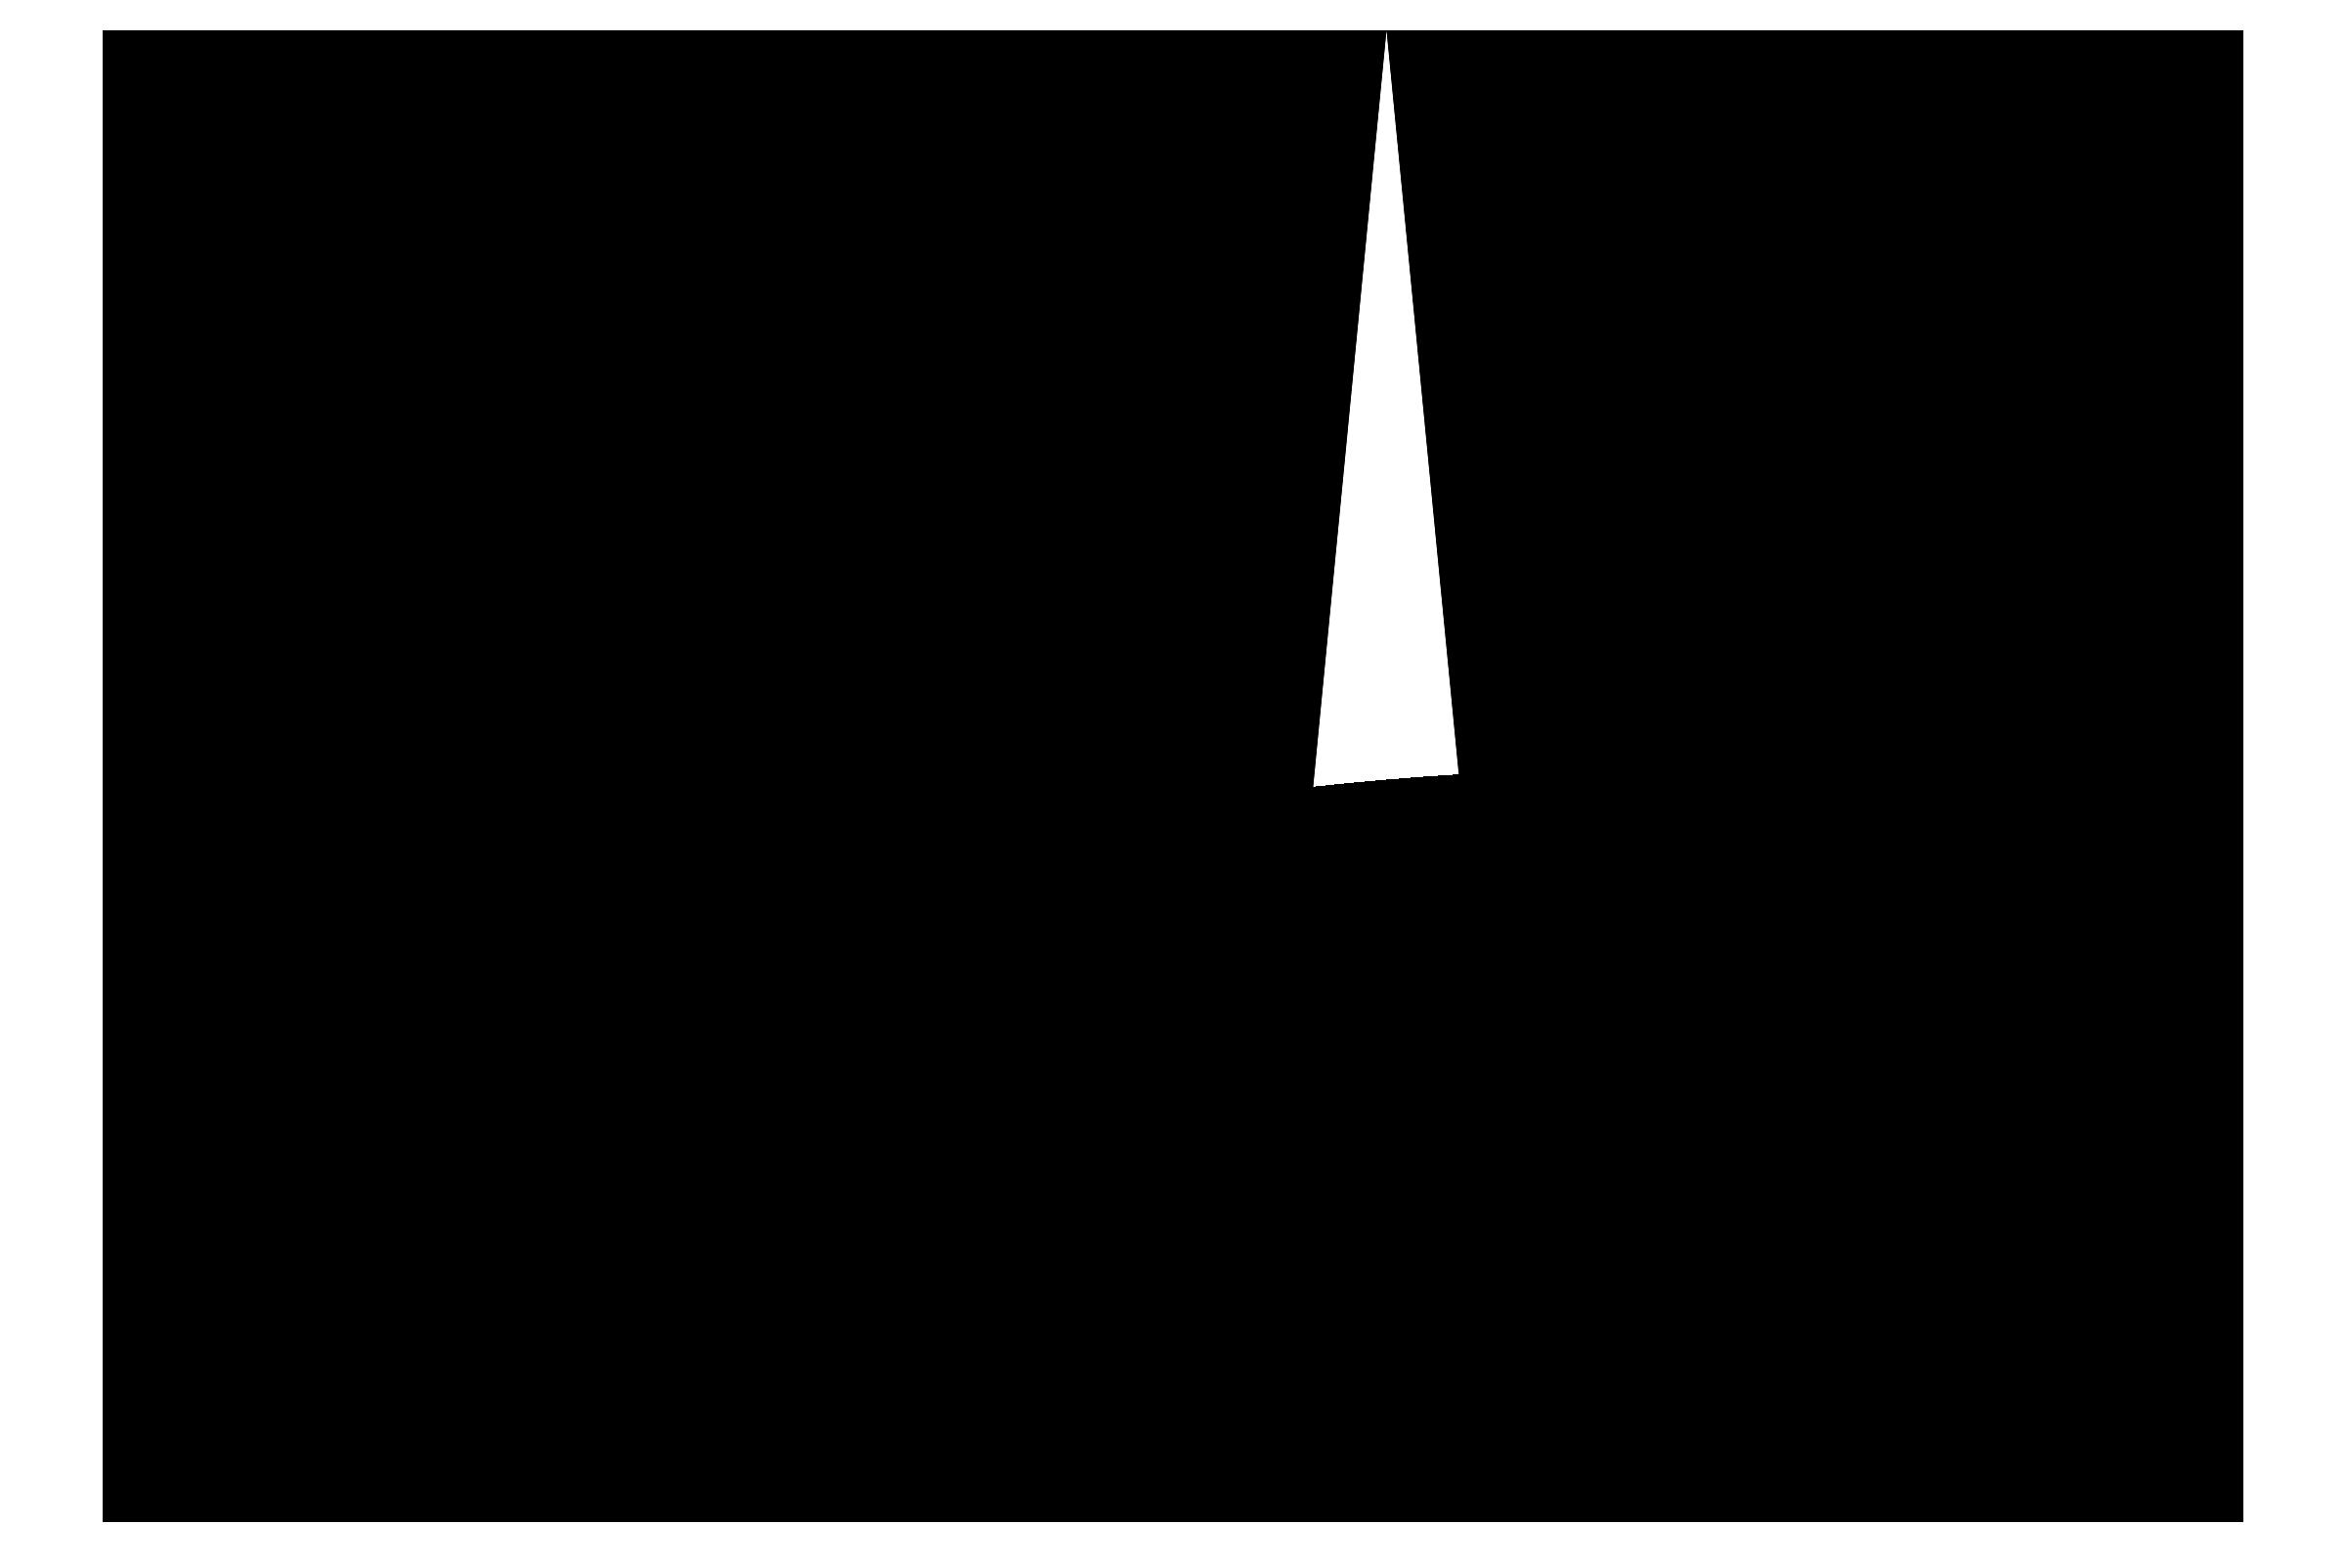 aviva-1-logo-png-transparent copycropped